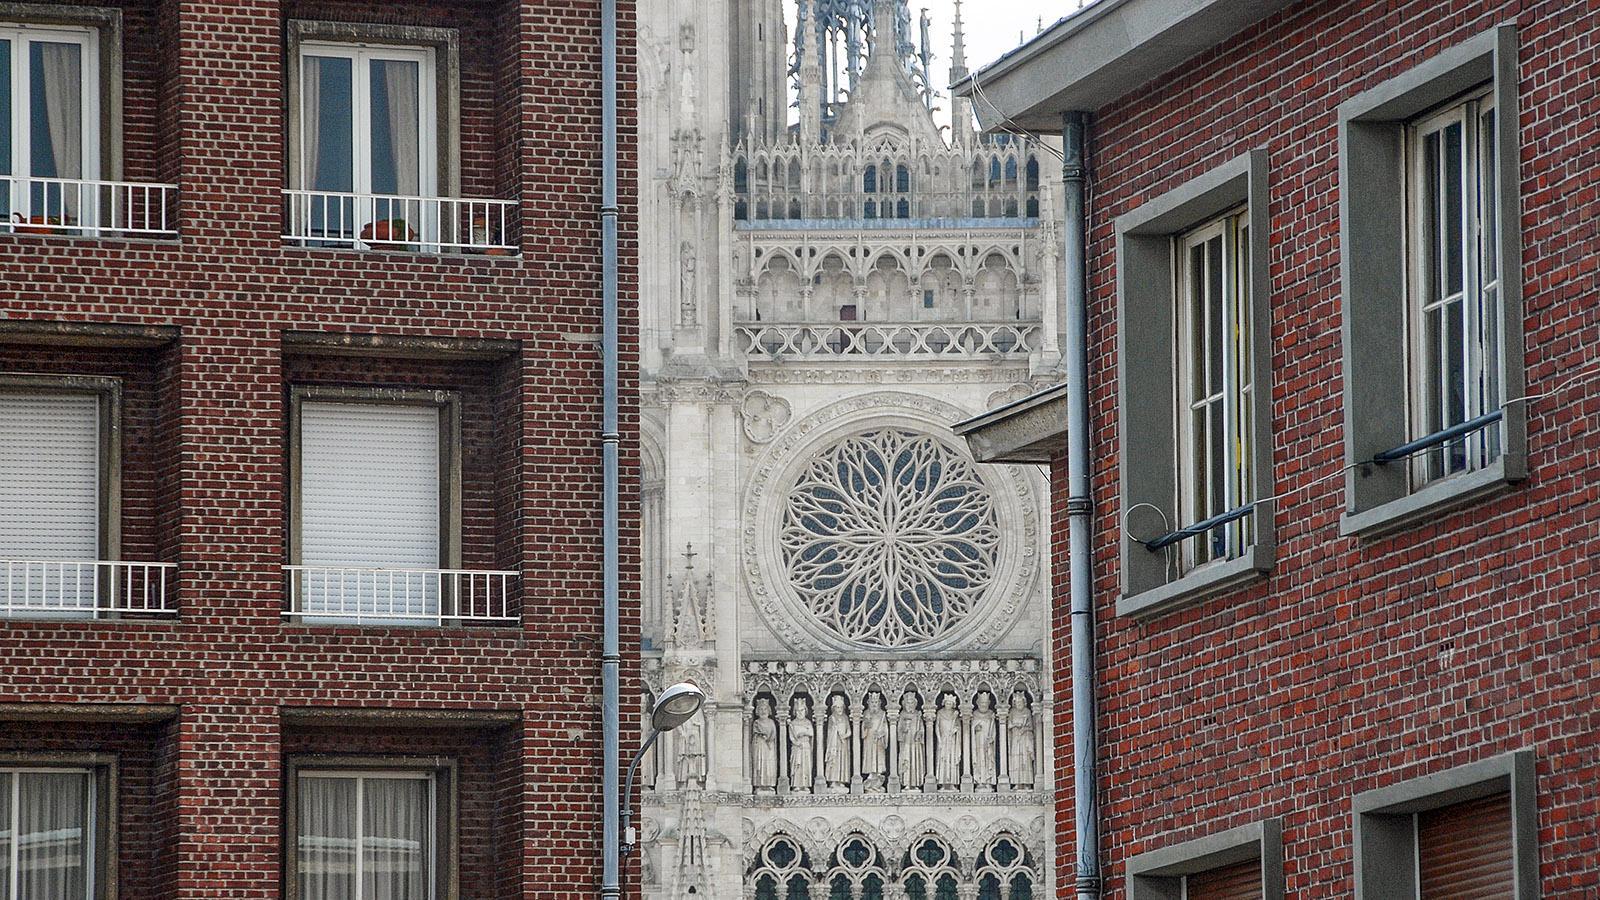 Kontraste in Amiens: Wiederaufbau in Backstein und Jahrhunderte altes Erbe. Foto: Hilke Maunder